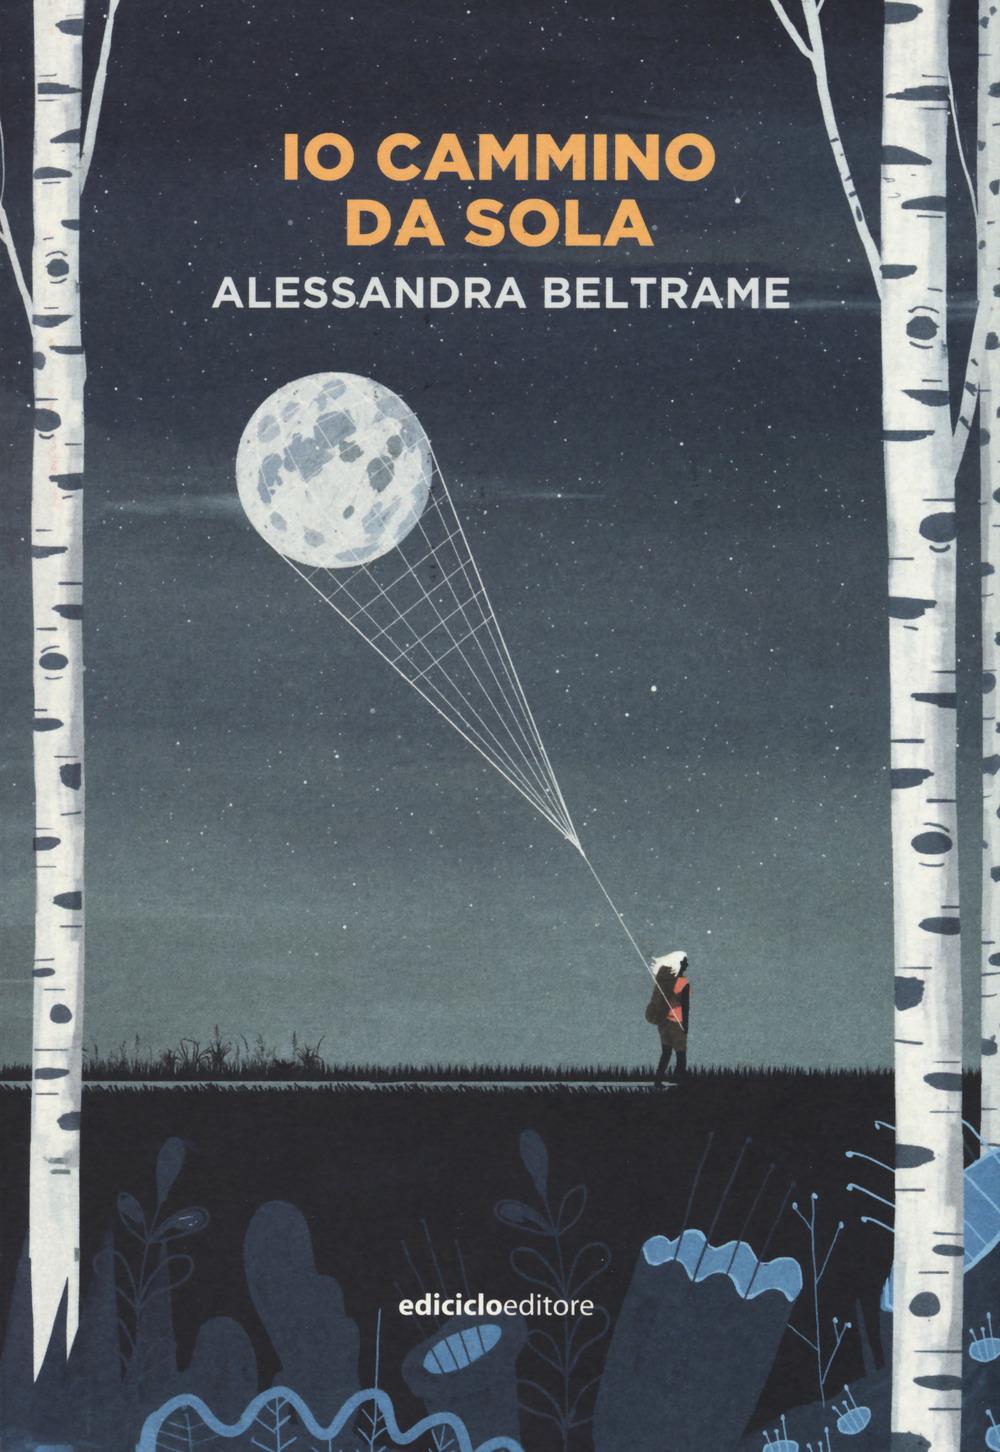 Io cammino da sola – Alessandra Beltrame